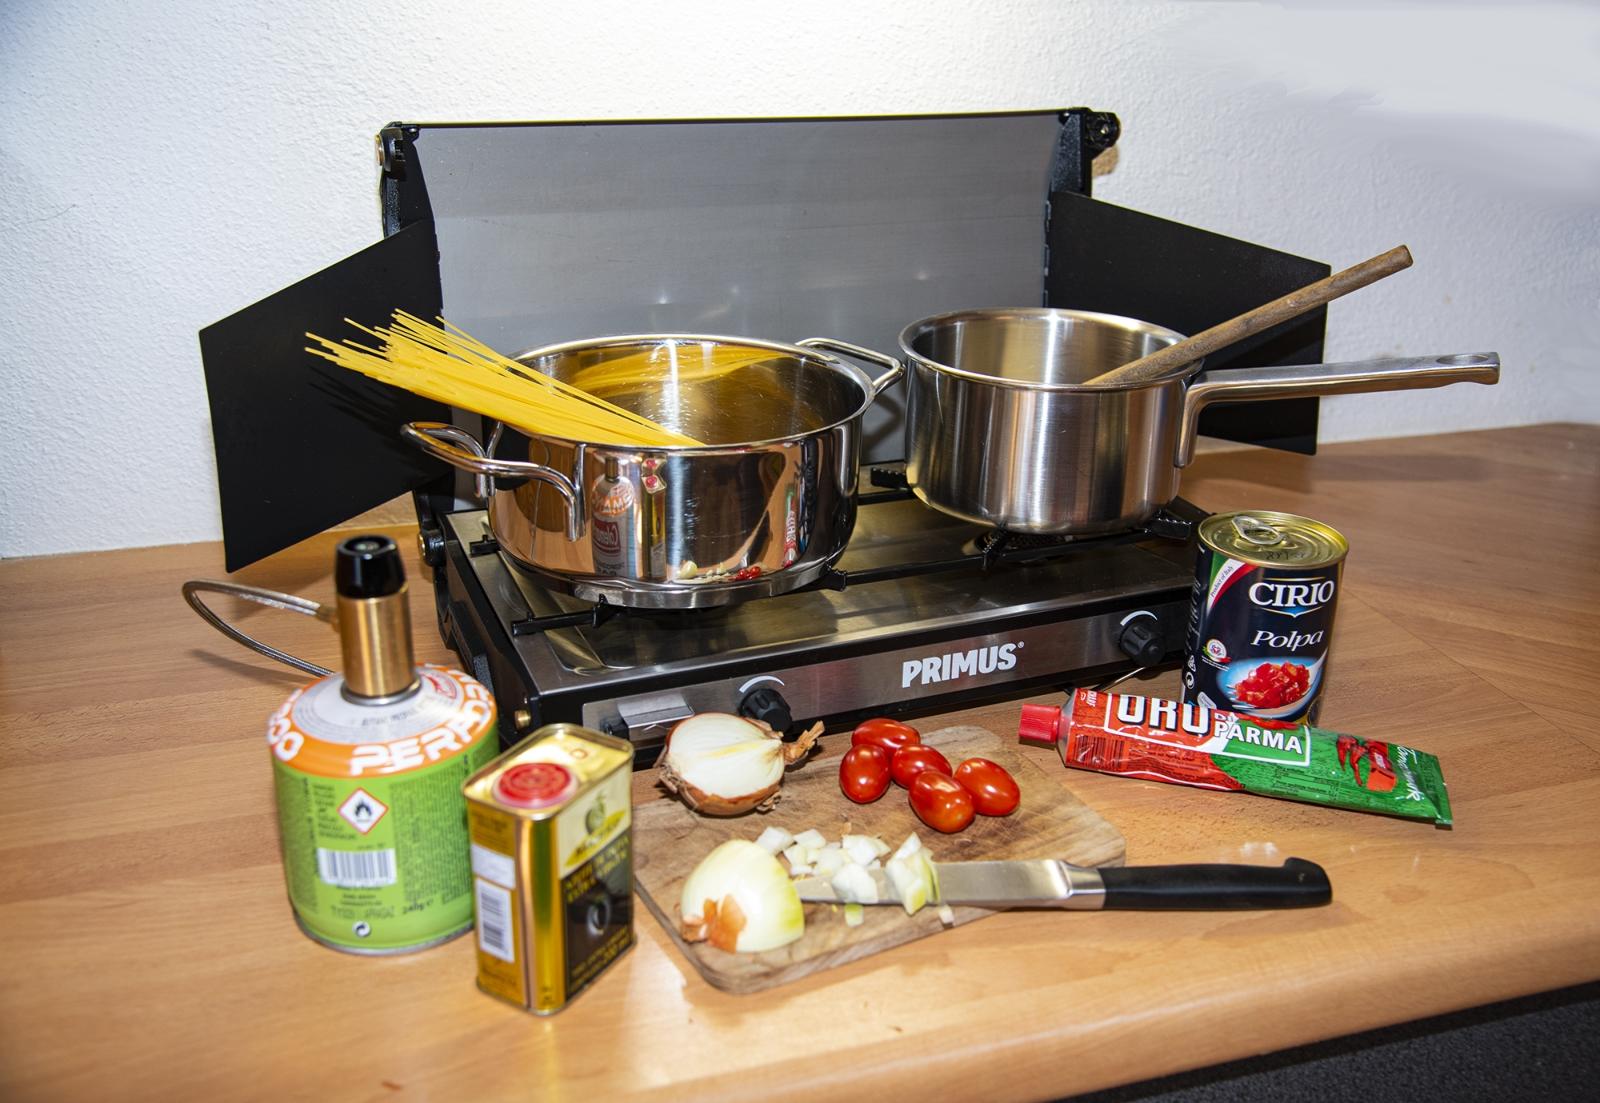 Mit dem Primus-Zweiflammen-Kocher lassen sich auch aufwändigere Gerichte zubereiten. Um ihn nur auf der Offroad-Tour zu nutzen, ist er fast zu schade.